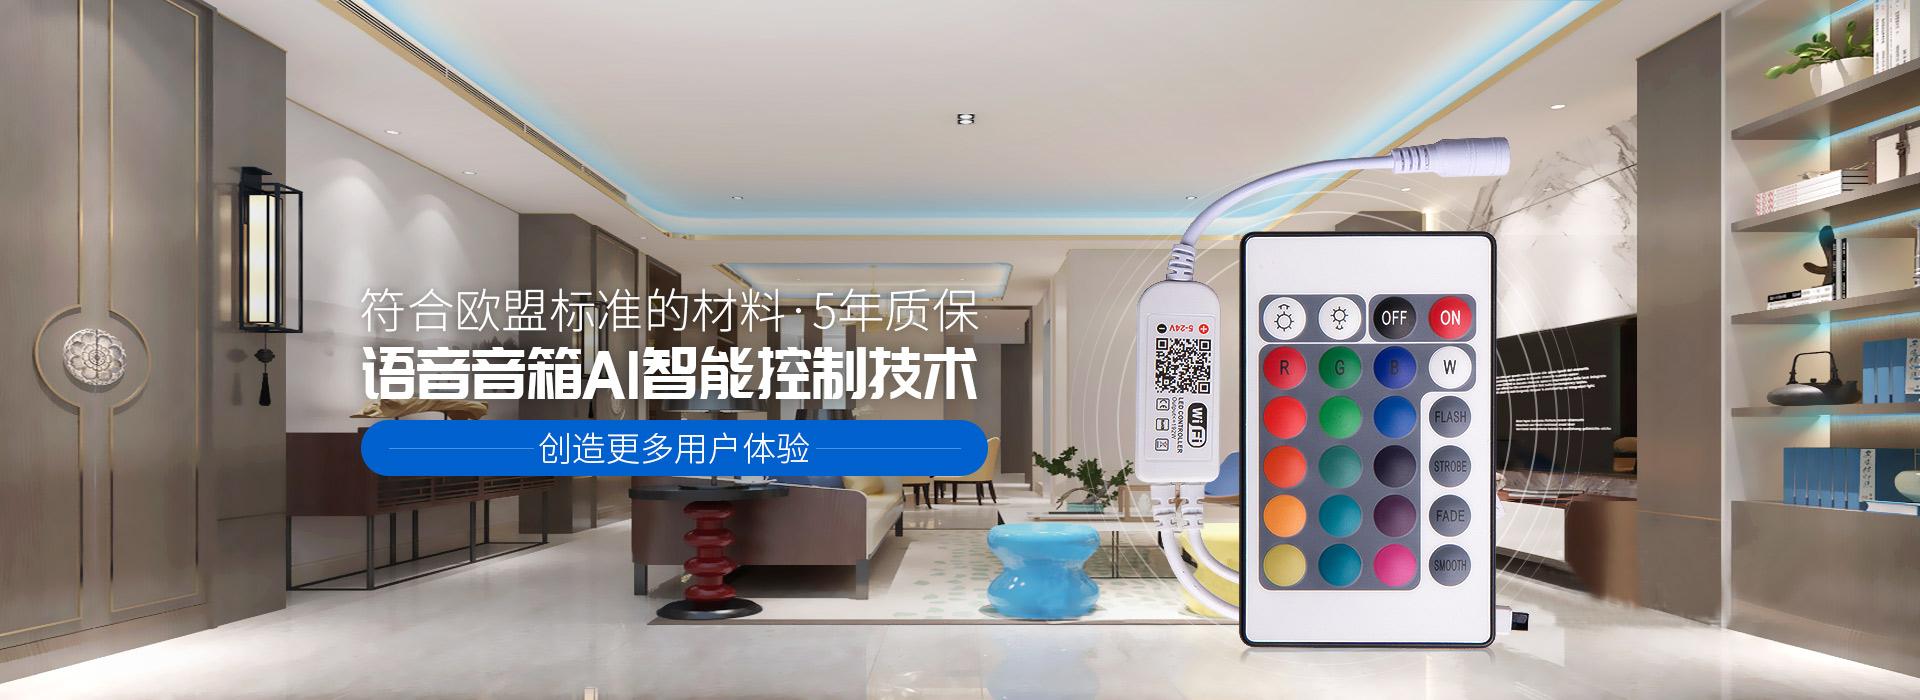 亚美云创-语音音箱AI智能控制技术,创造更多用户体验